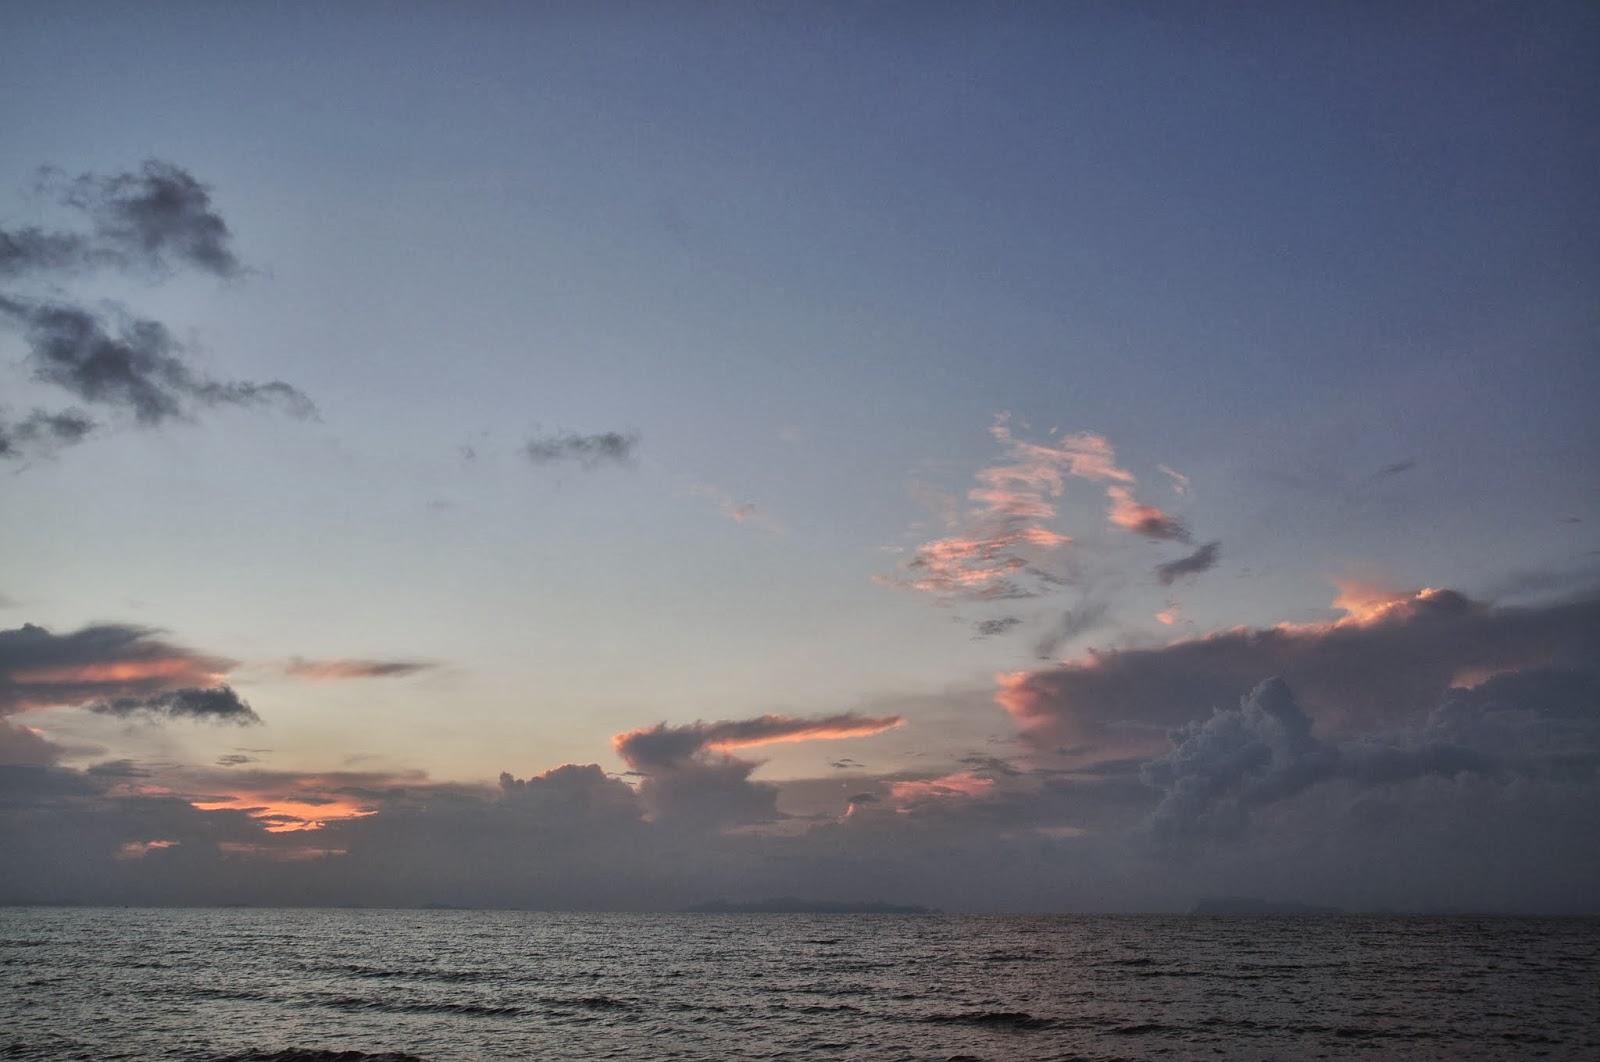 Посмотрели пляж фото 5 фотография